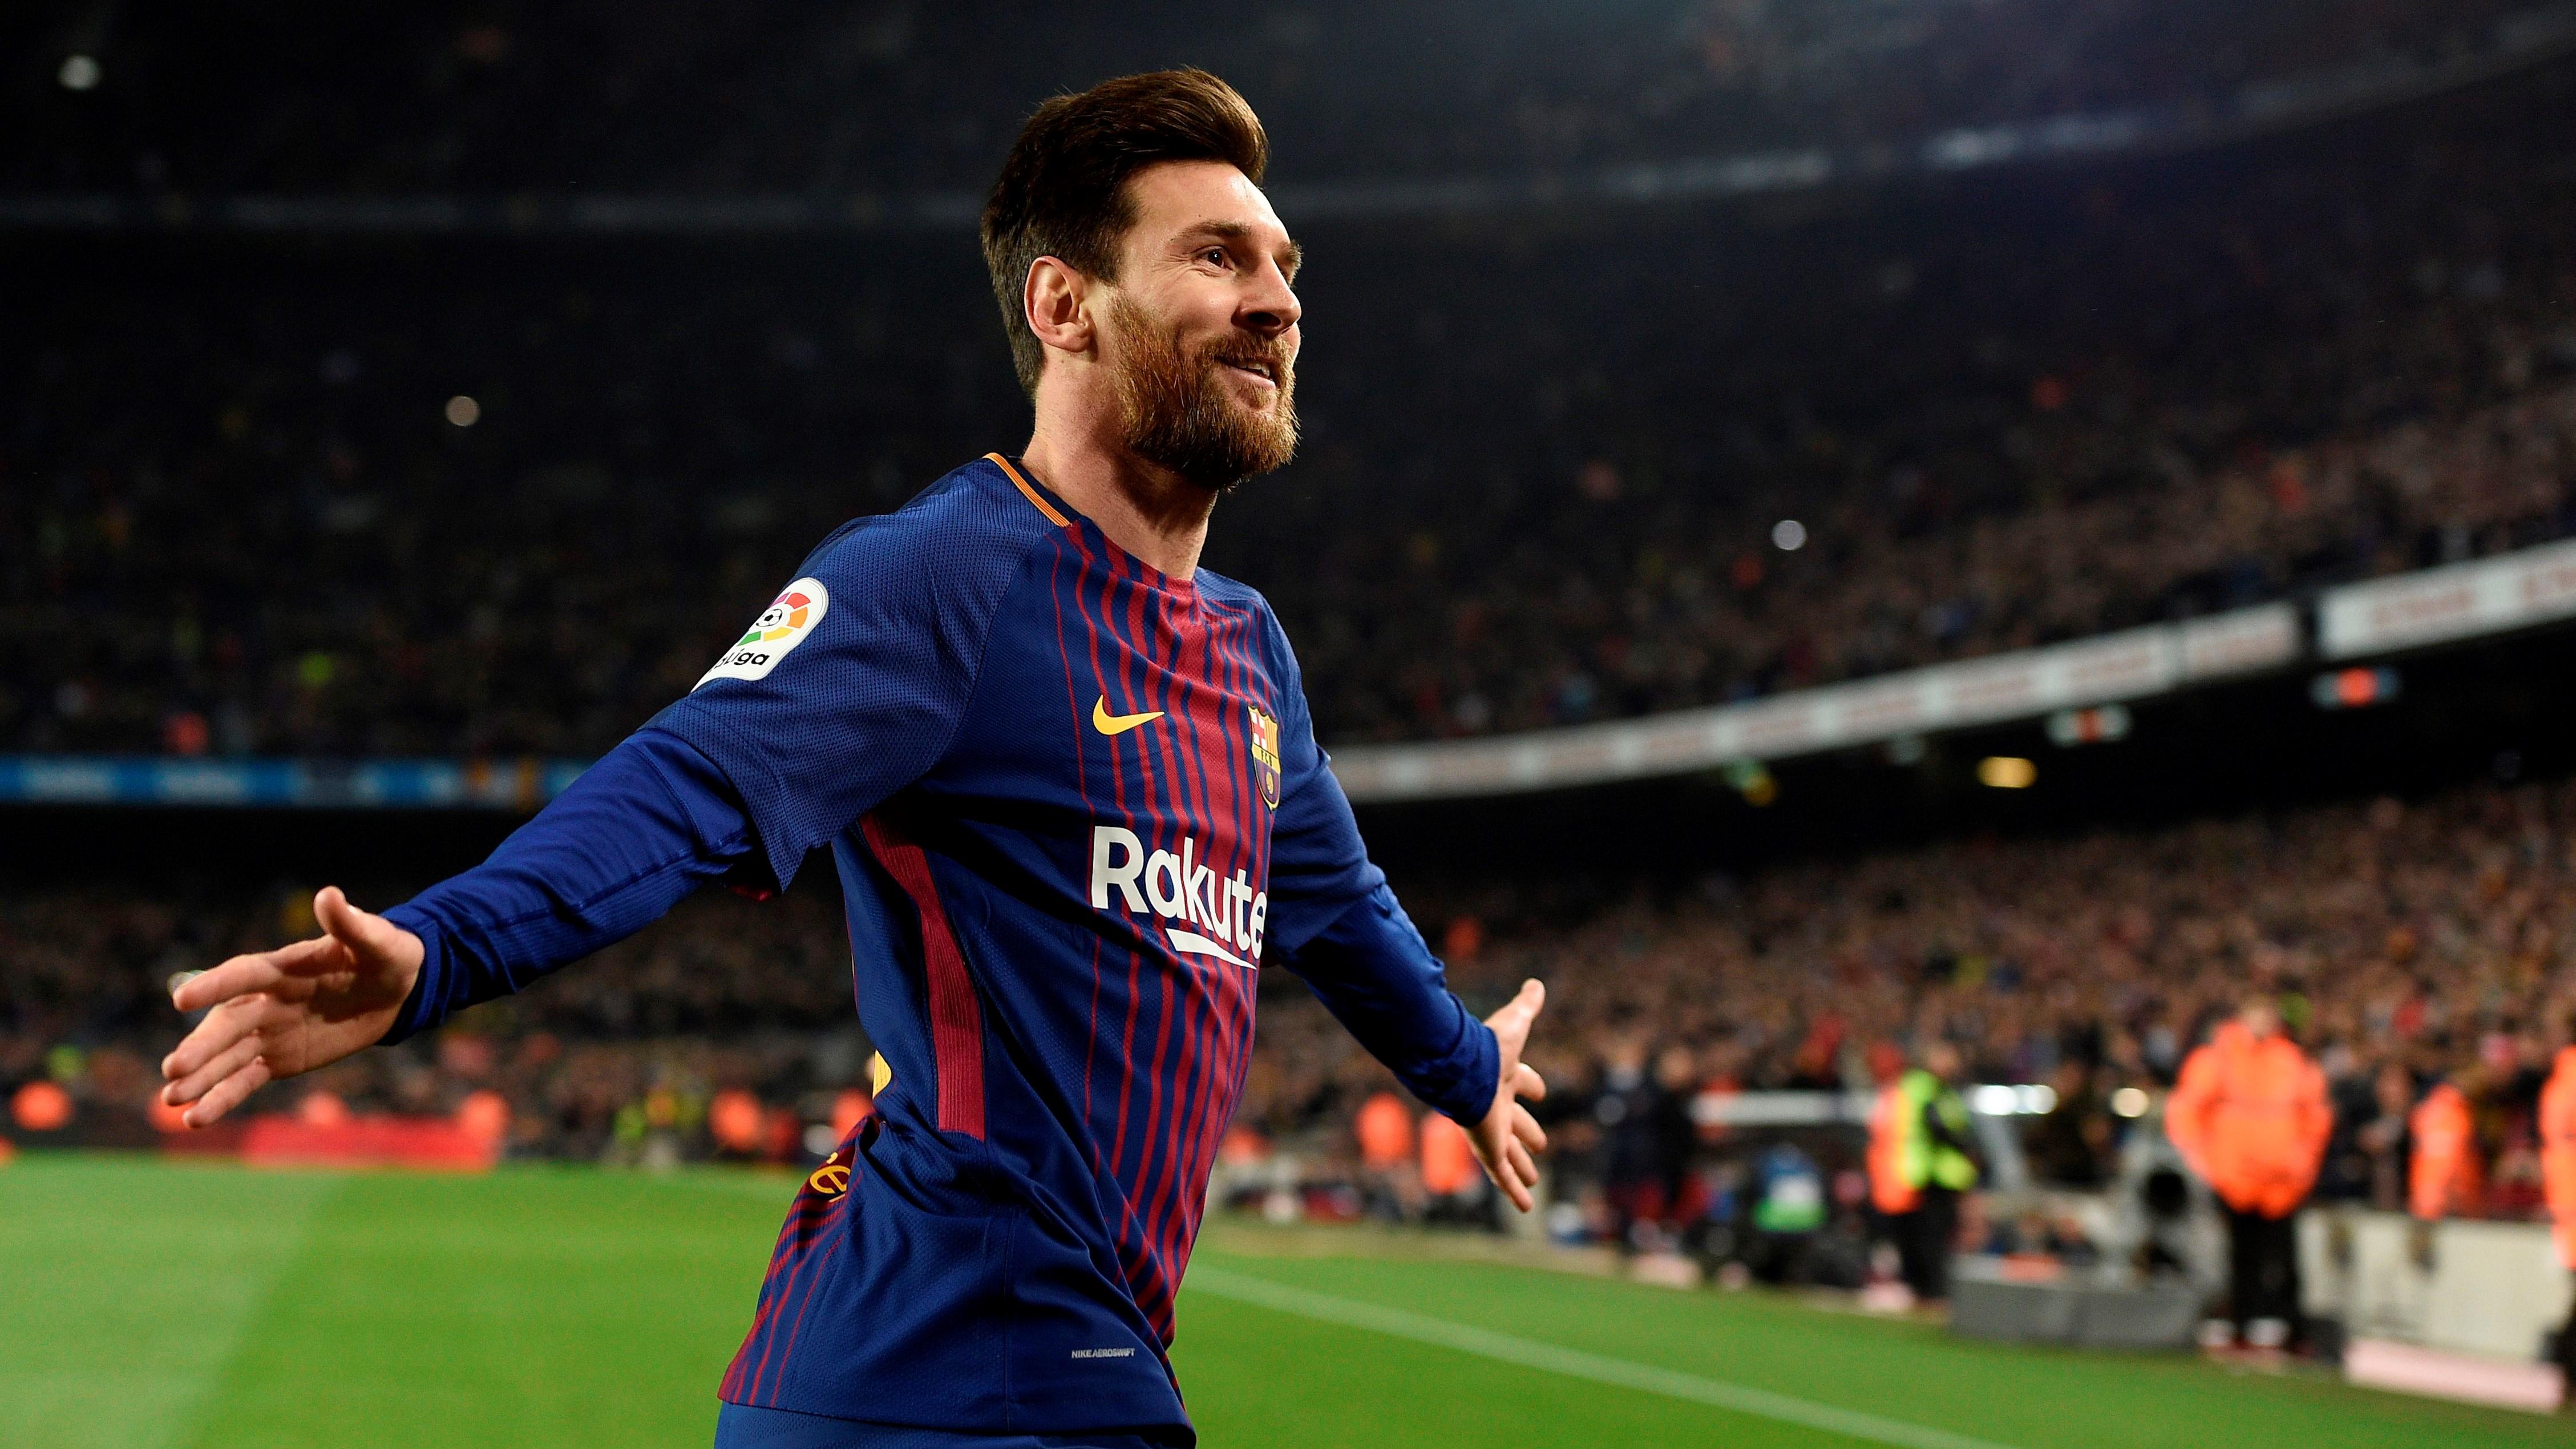 Wallpaper Lionel Messi Con El Barcelona Images - Barcelona Vs Sevilla 2018 Final Copa Del Rey , HD Wallpaper & Backgrounds